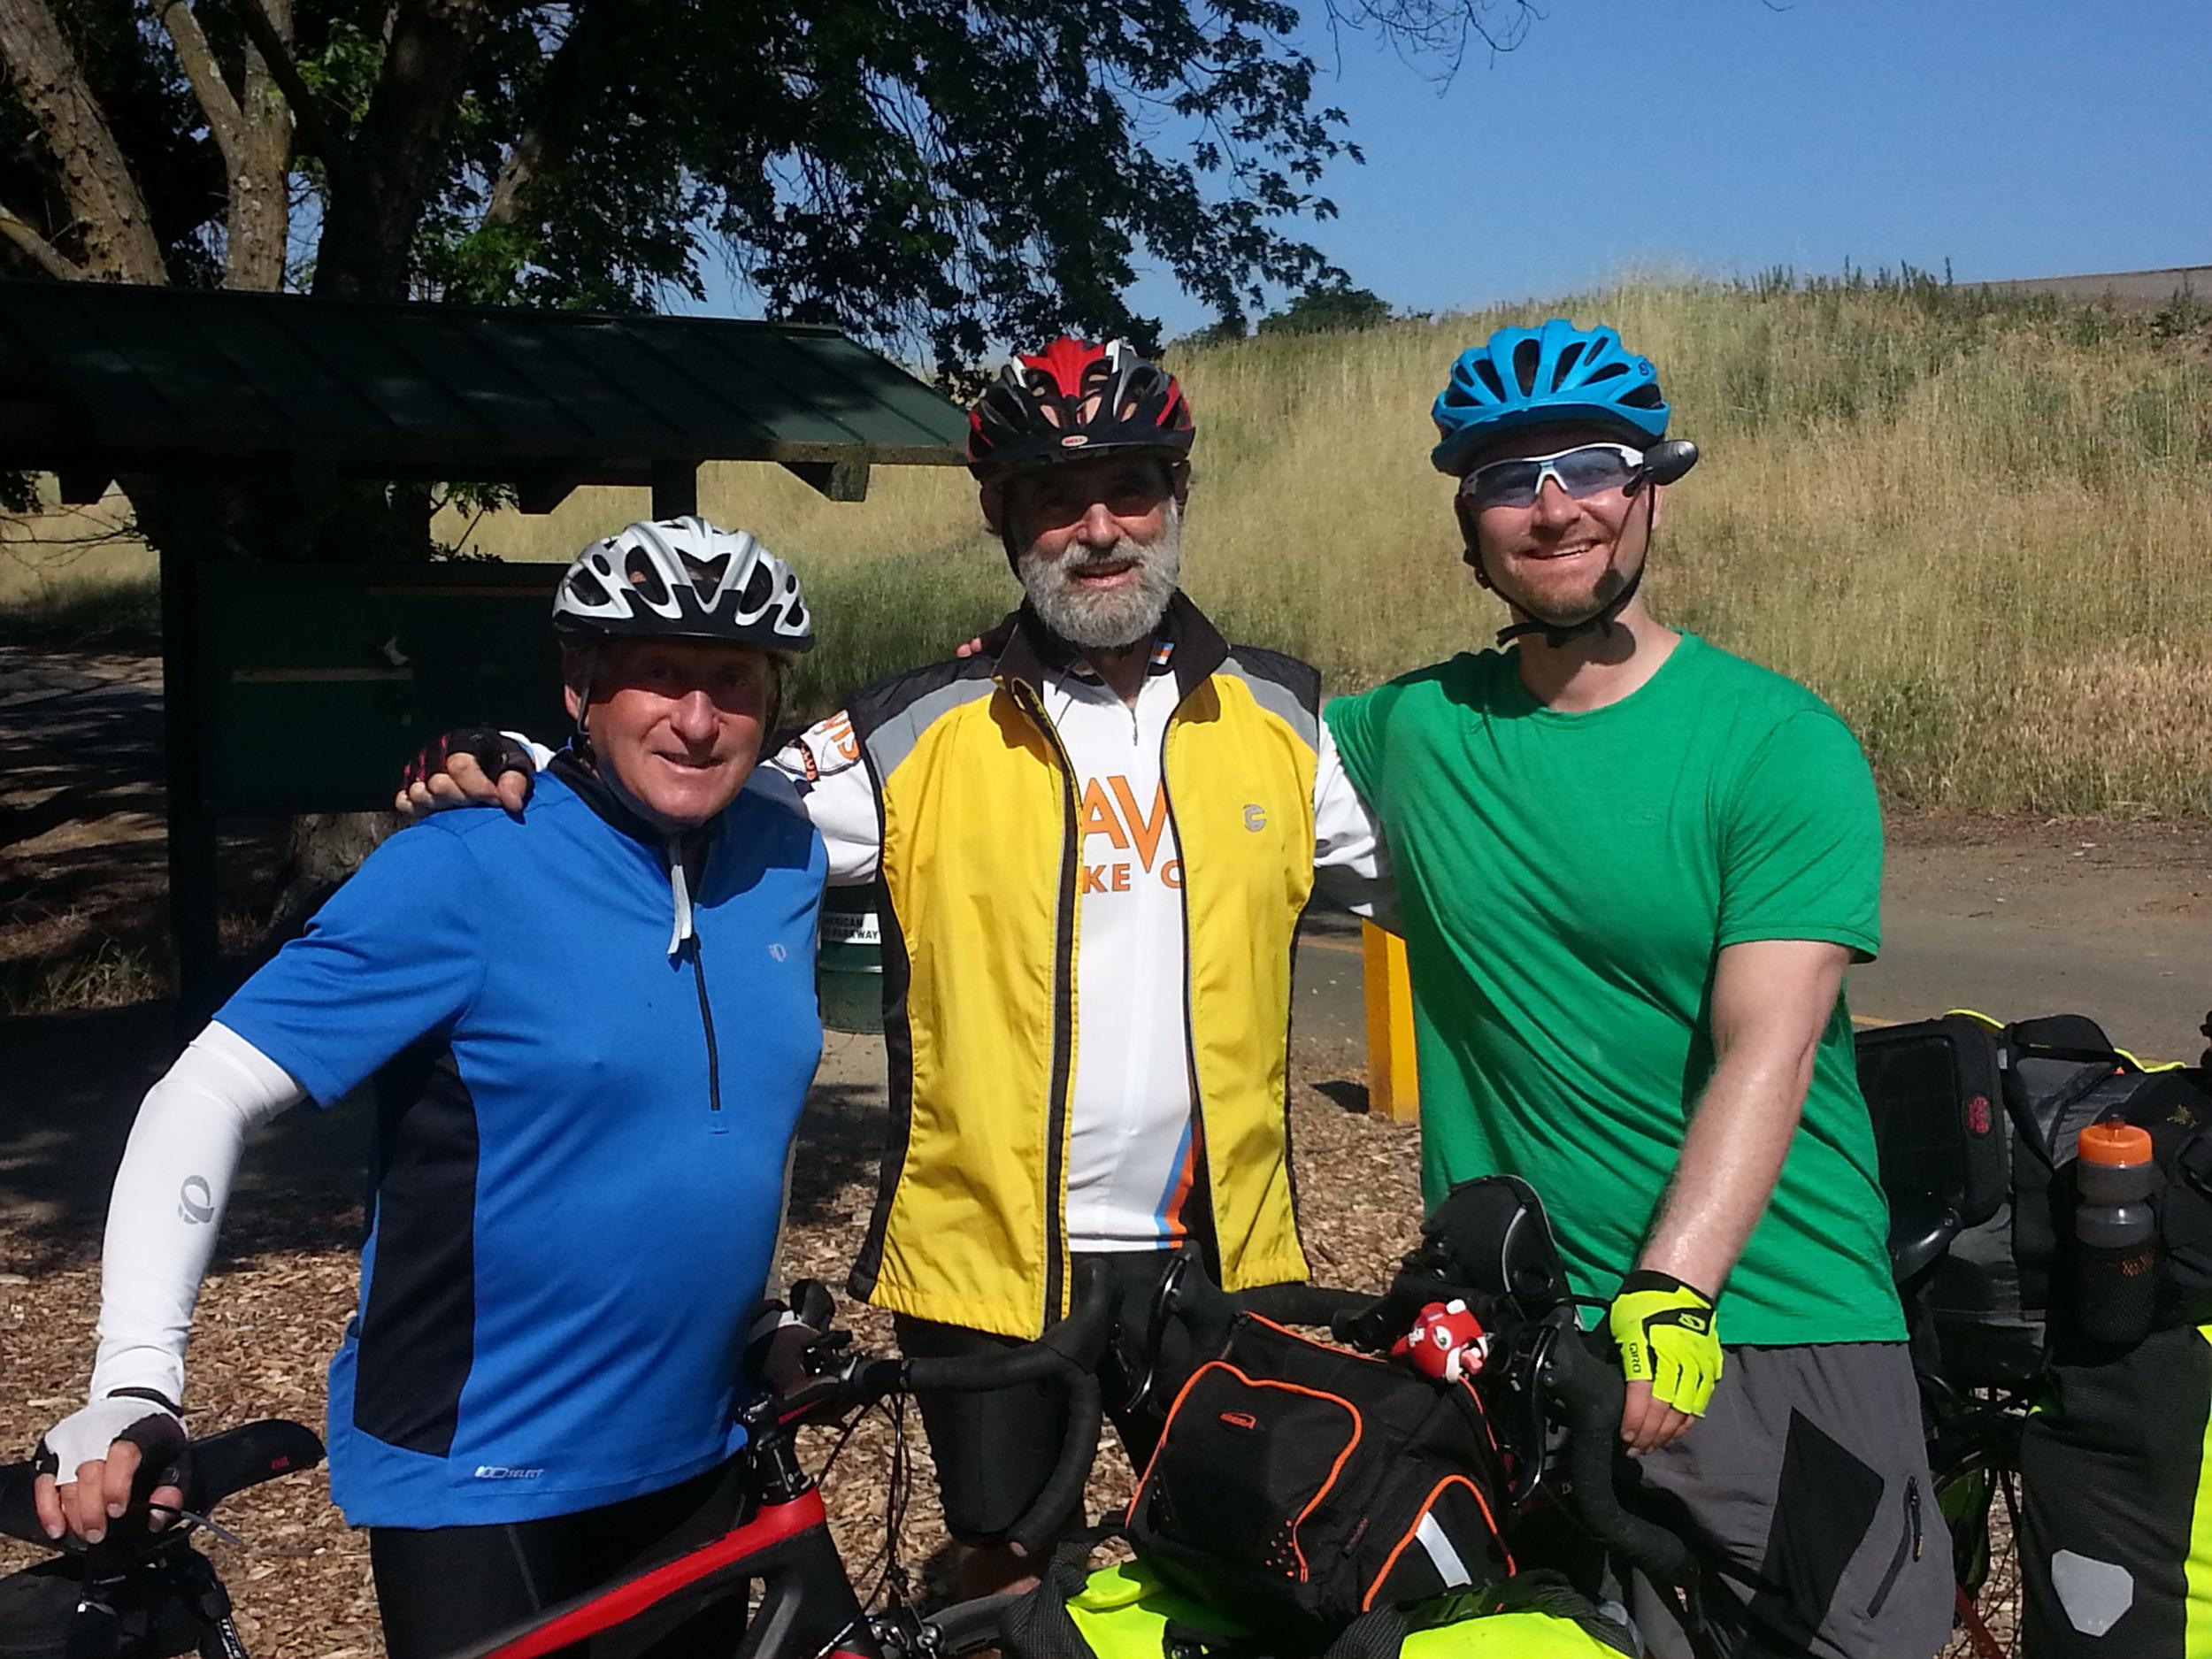 My new friendsBill and Stu from the Davis Bike Club